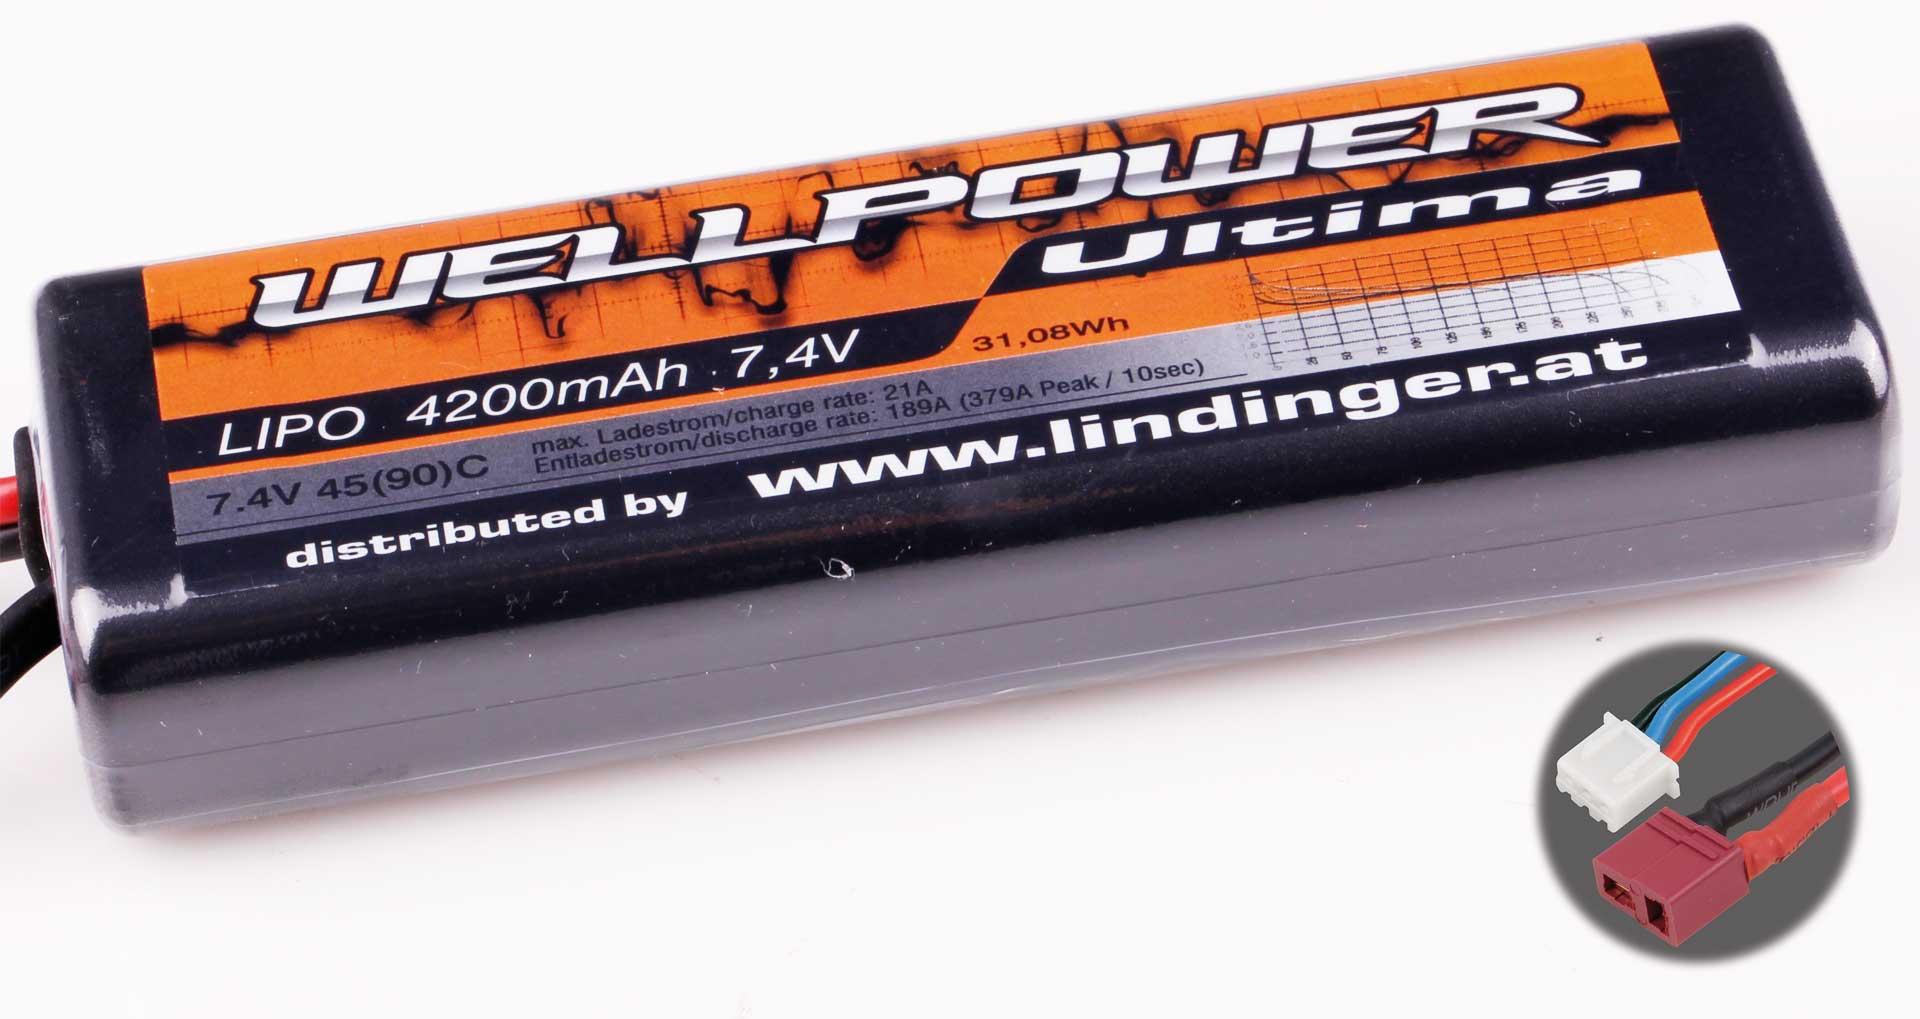 Wellpower Lipo Akku ULTIMA CAR 4200 mAh / 7,4 Volt 2S 45/90C CH5 mit T-Stecker